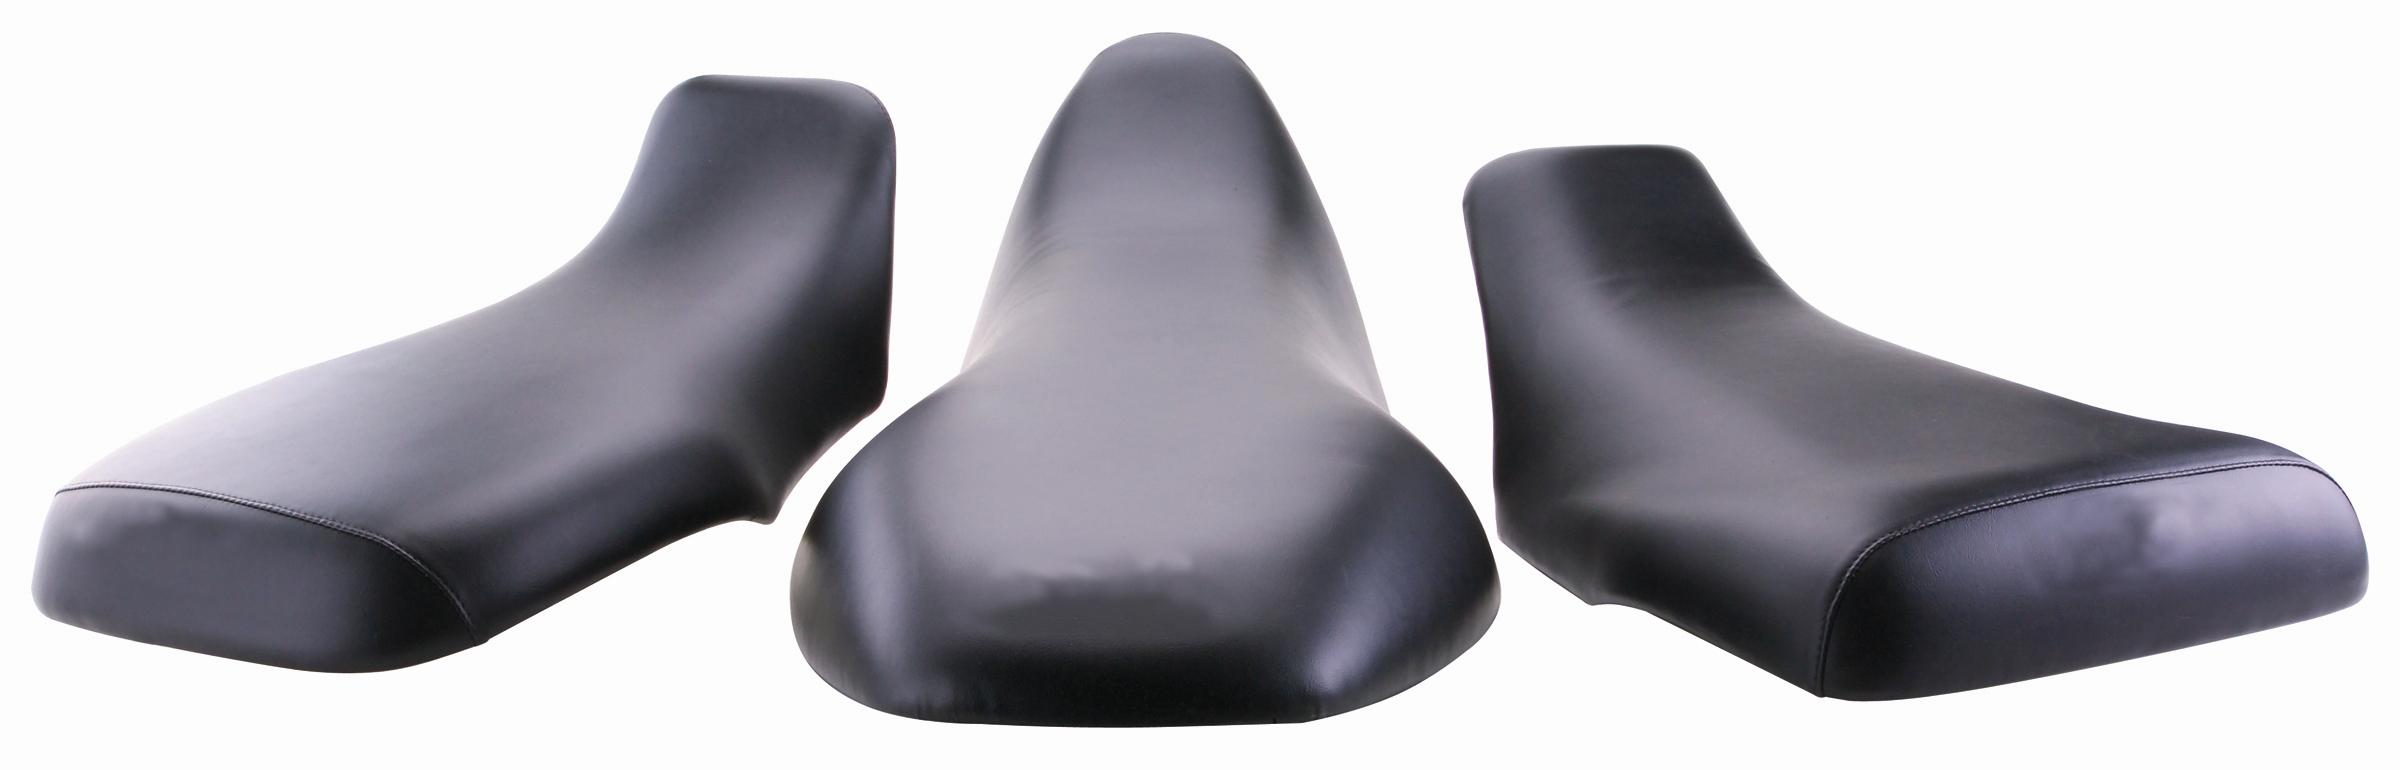 Quad Works 31-12597-01 Seat Cover Black